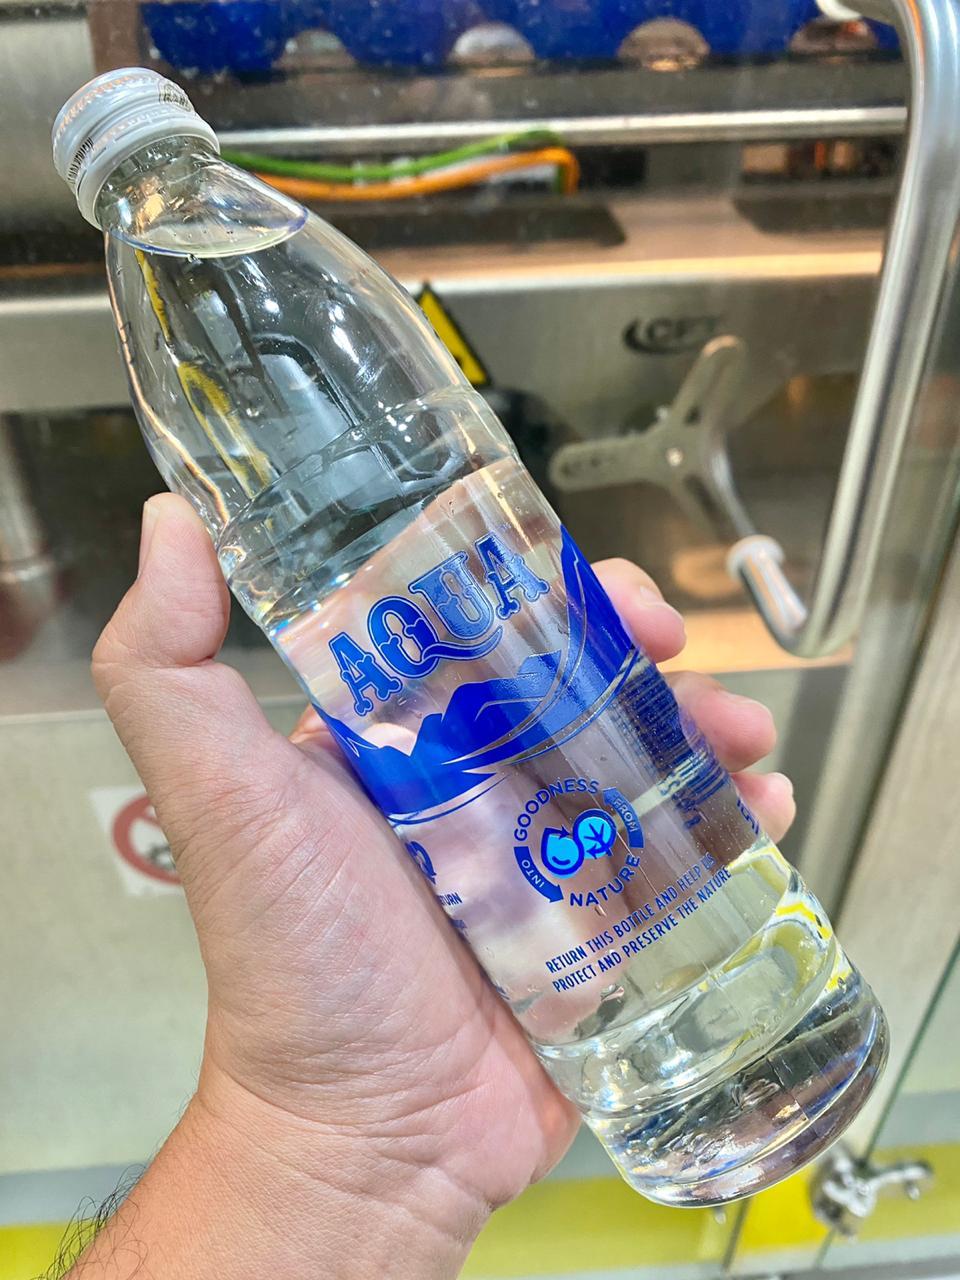 Botol kaca baru dari Aqua Danone